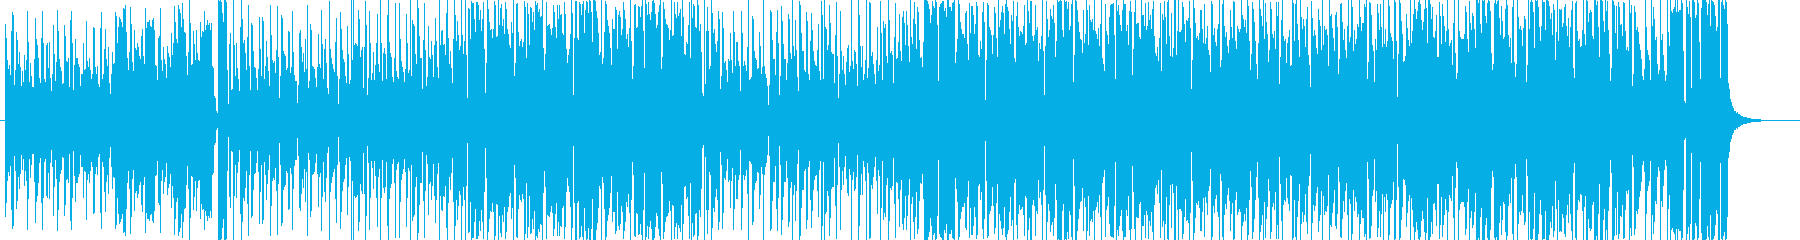 夏らしい元気で爽やかなフュージョン伴奏版の再生済みの波形